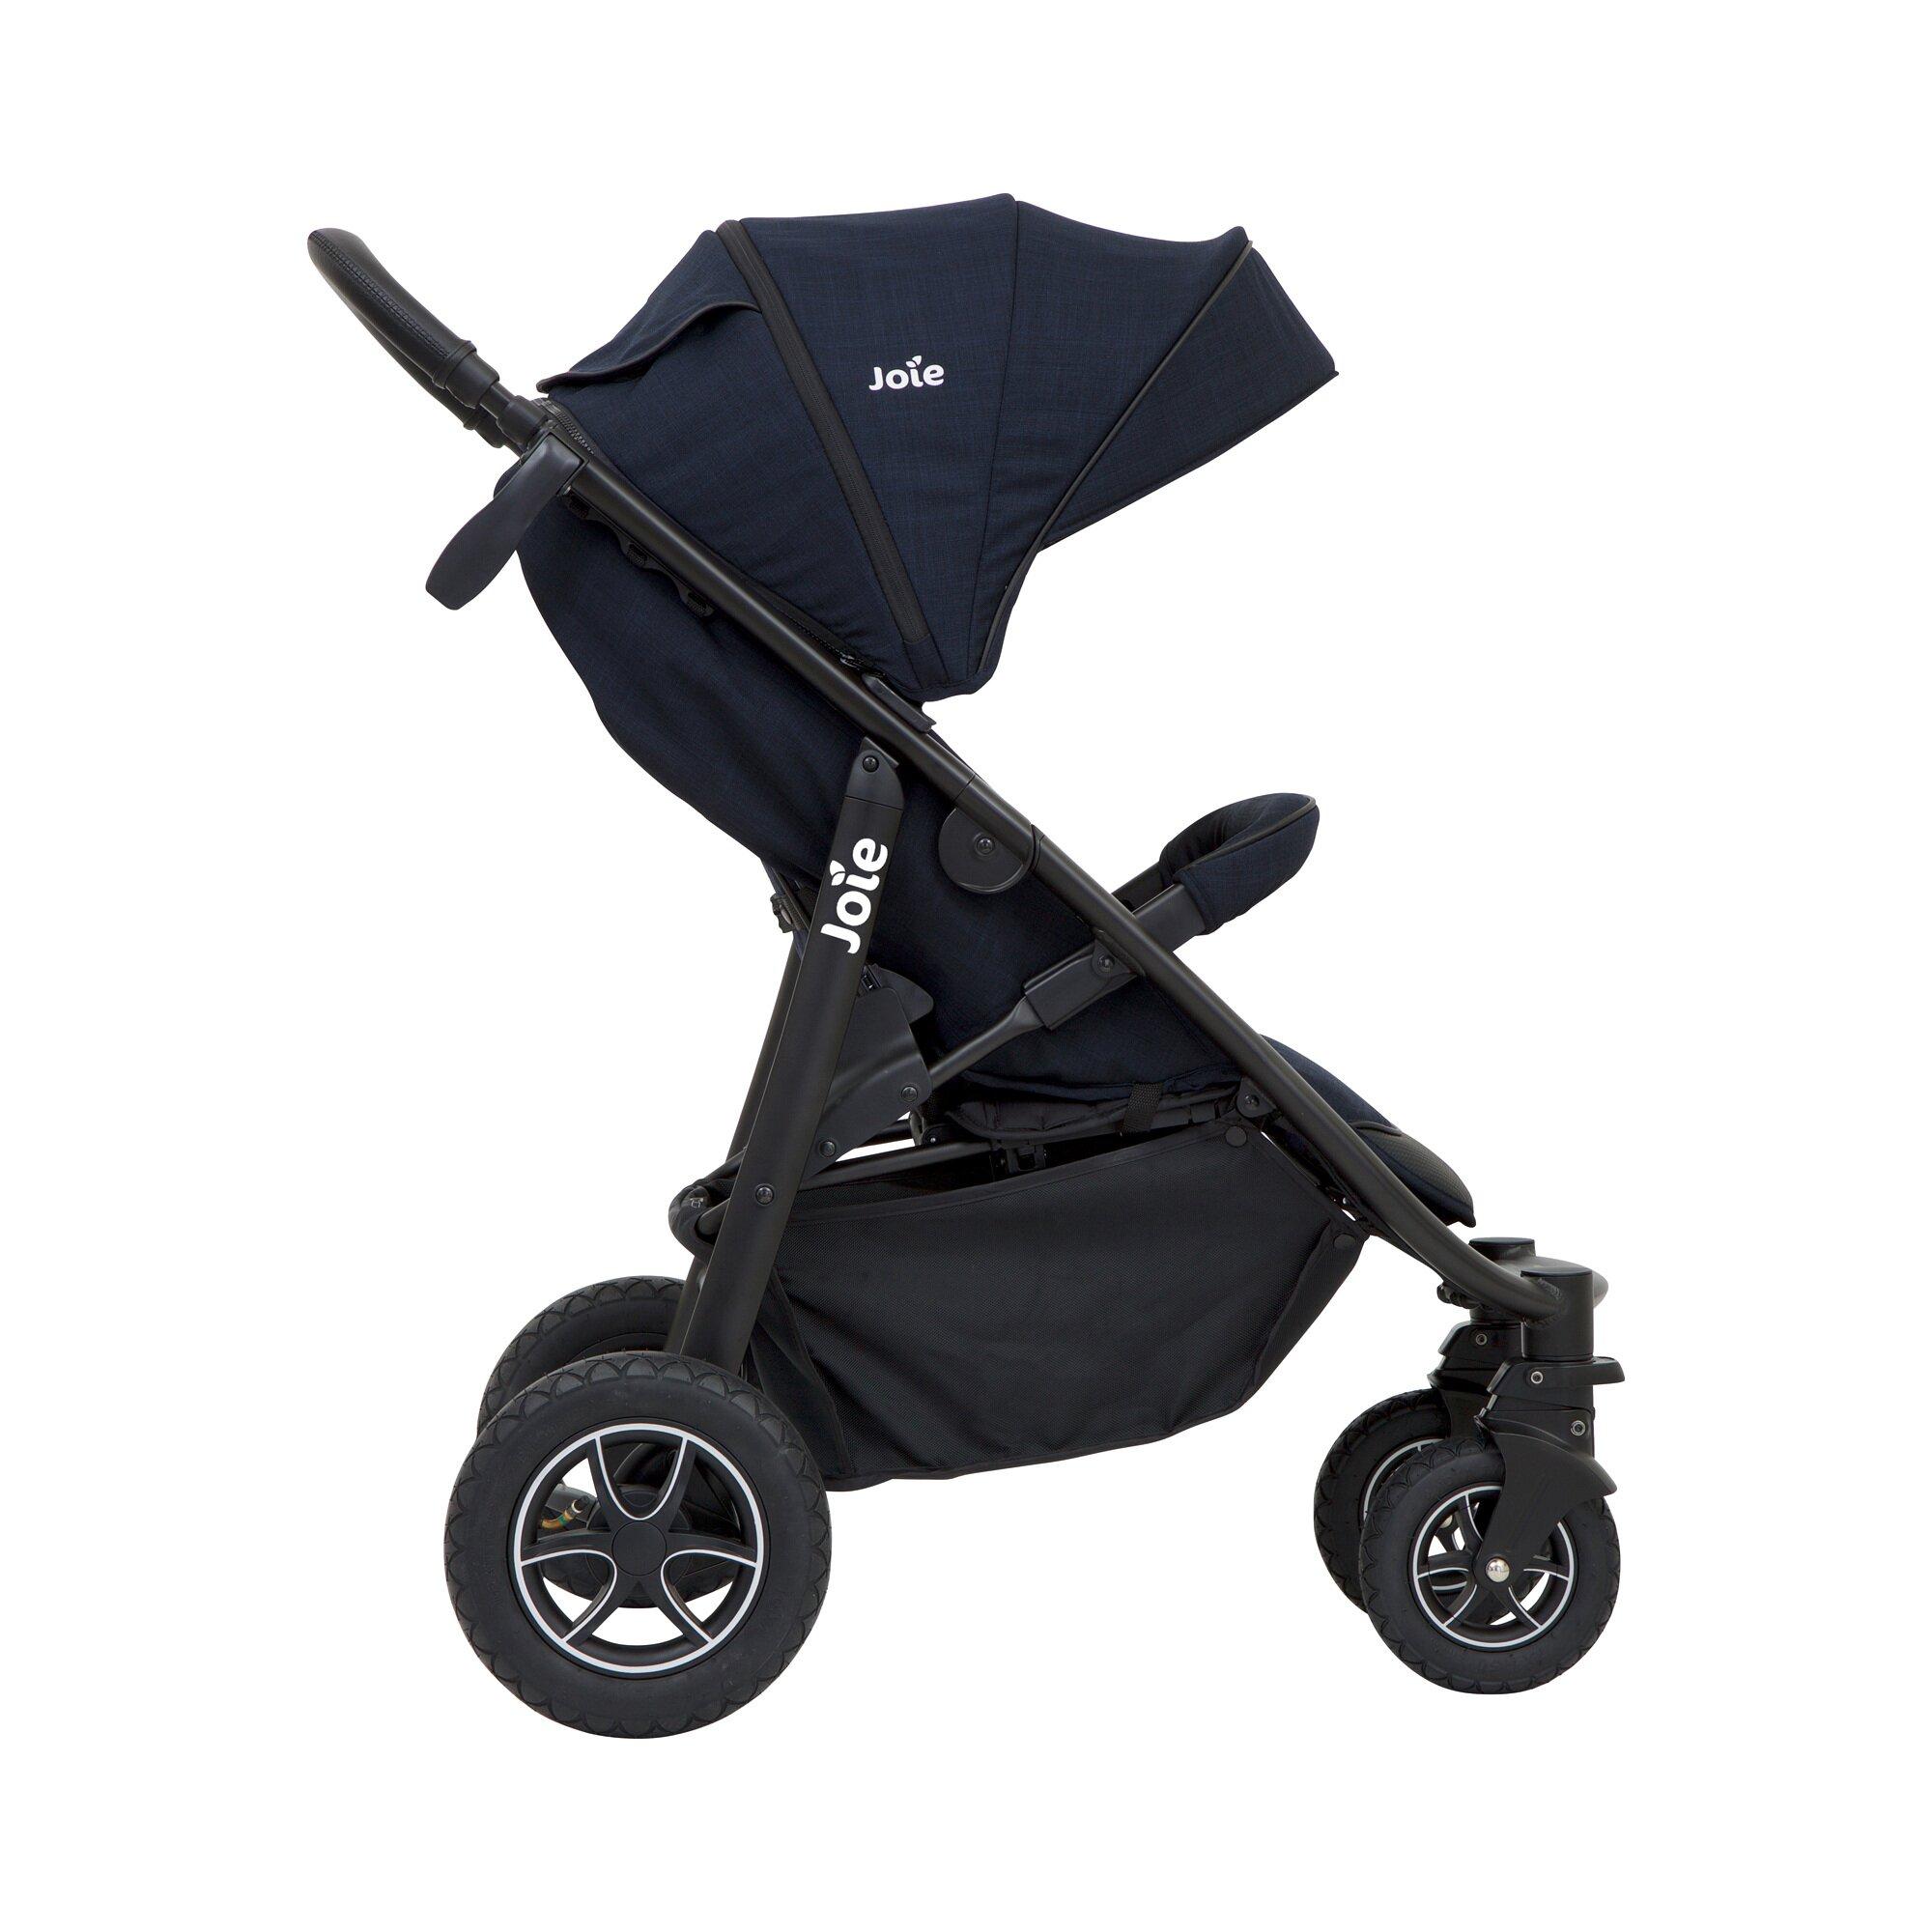 joie-mytrax-kinderwagen-sportwagen-blau